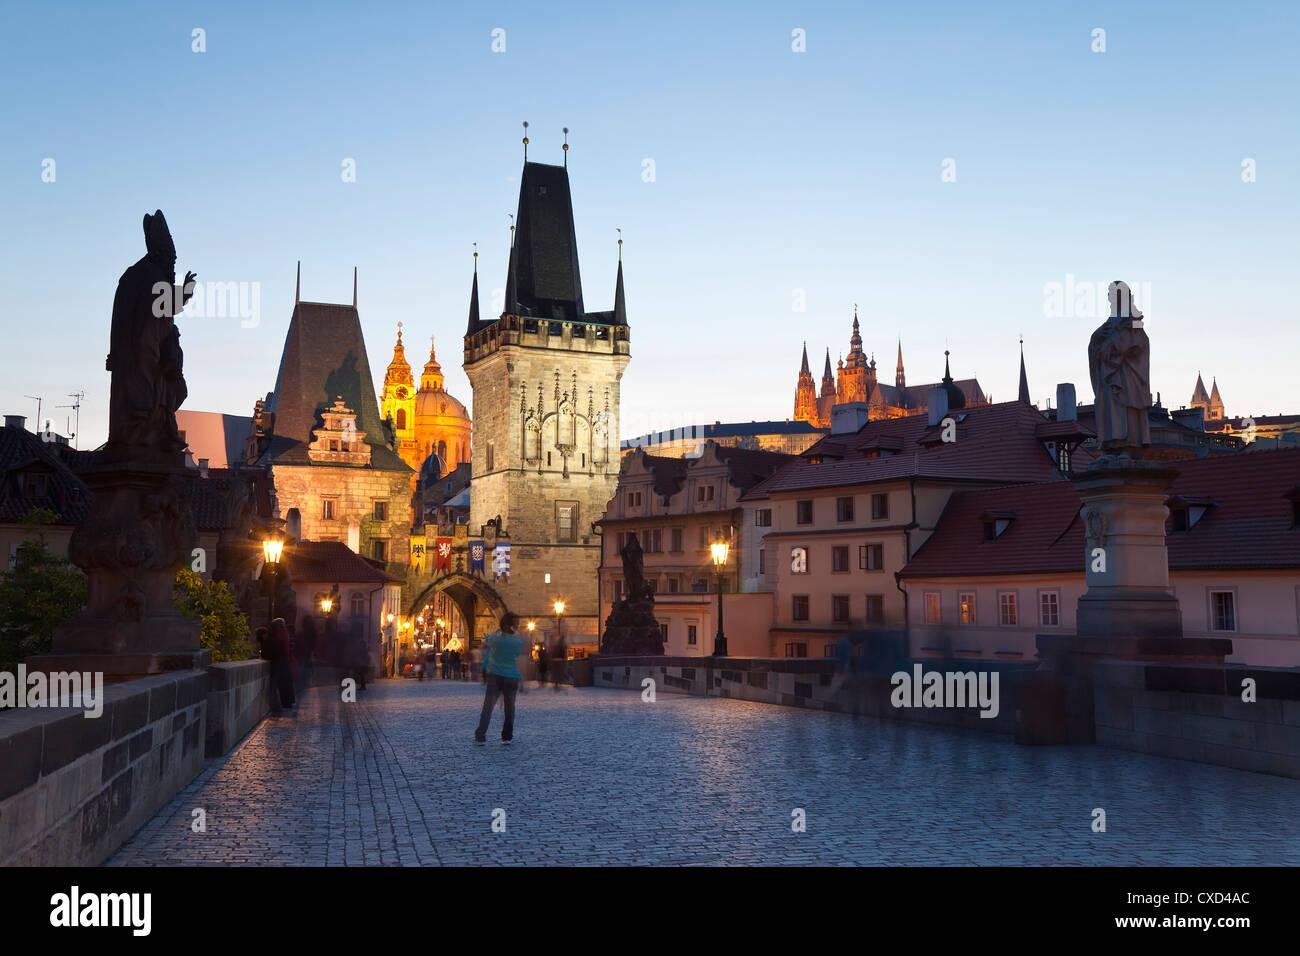 Charles Bridge, Sito Patrimonio Mondiale dell'UNESCO, Praga, Repubblica Ceca, Europa Immagini Stock